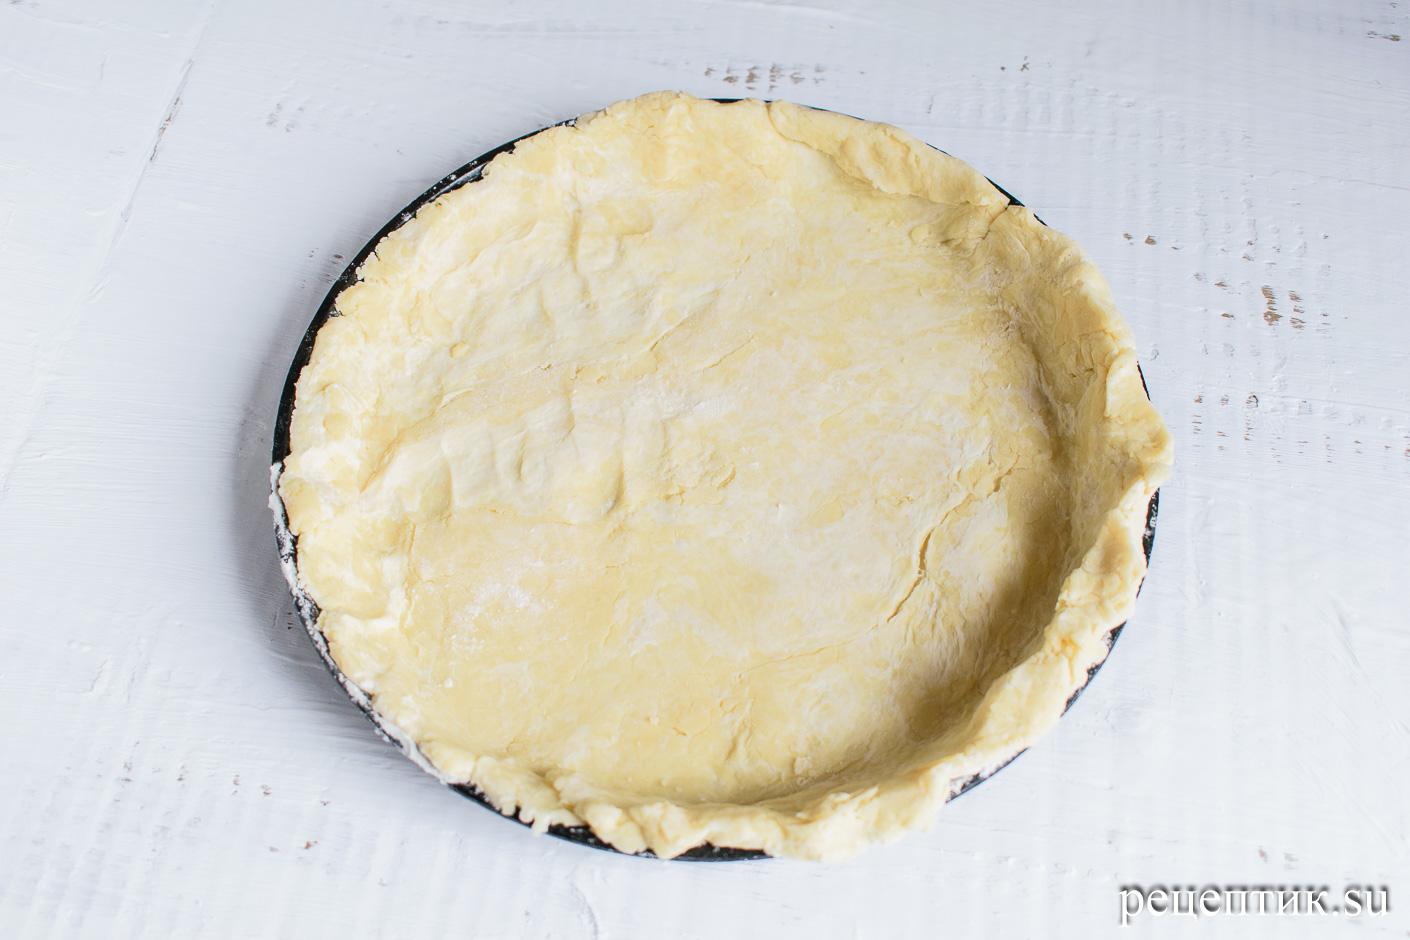 Яблочный пирог с решеткой из песочного теста - рецепт с фото, шаг 5